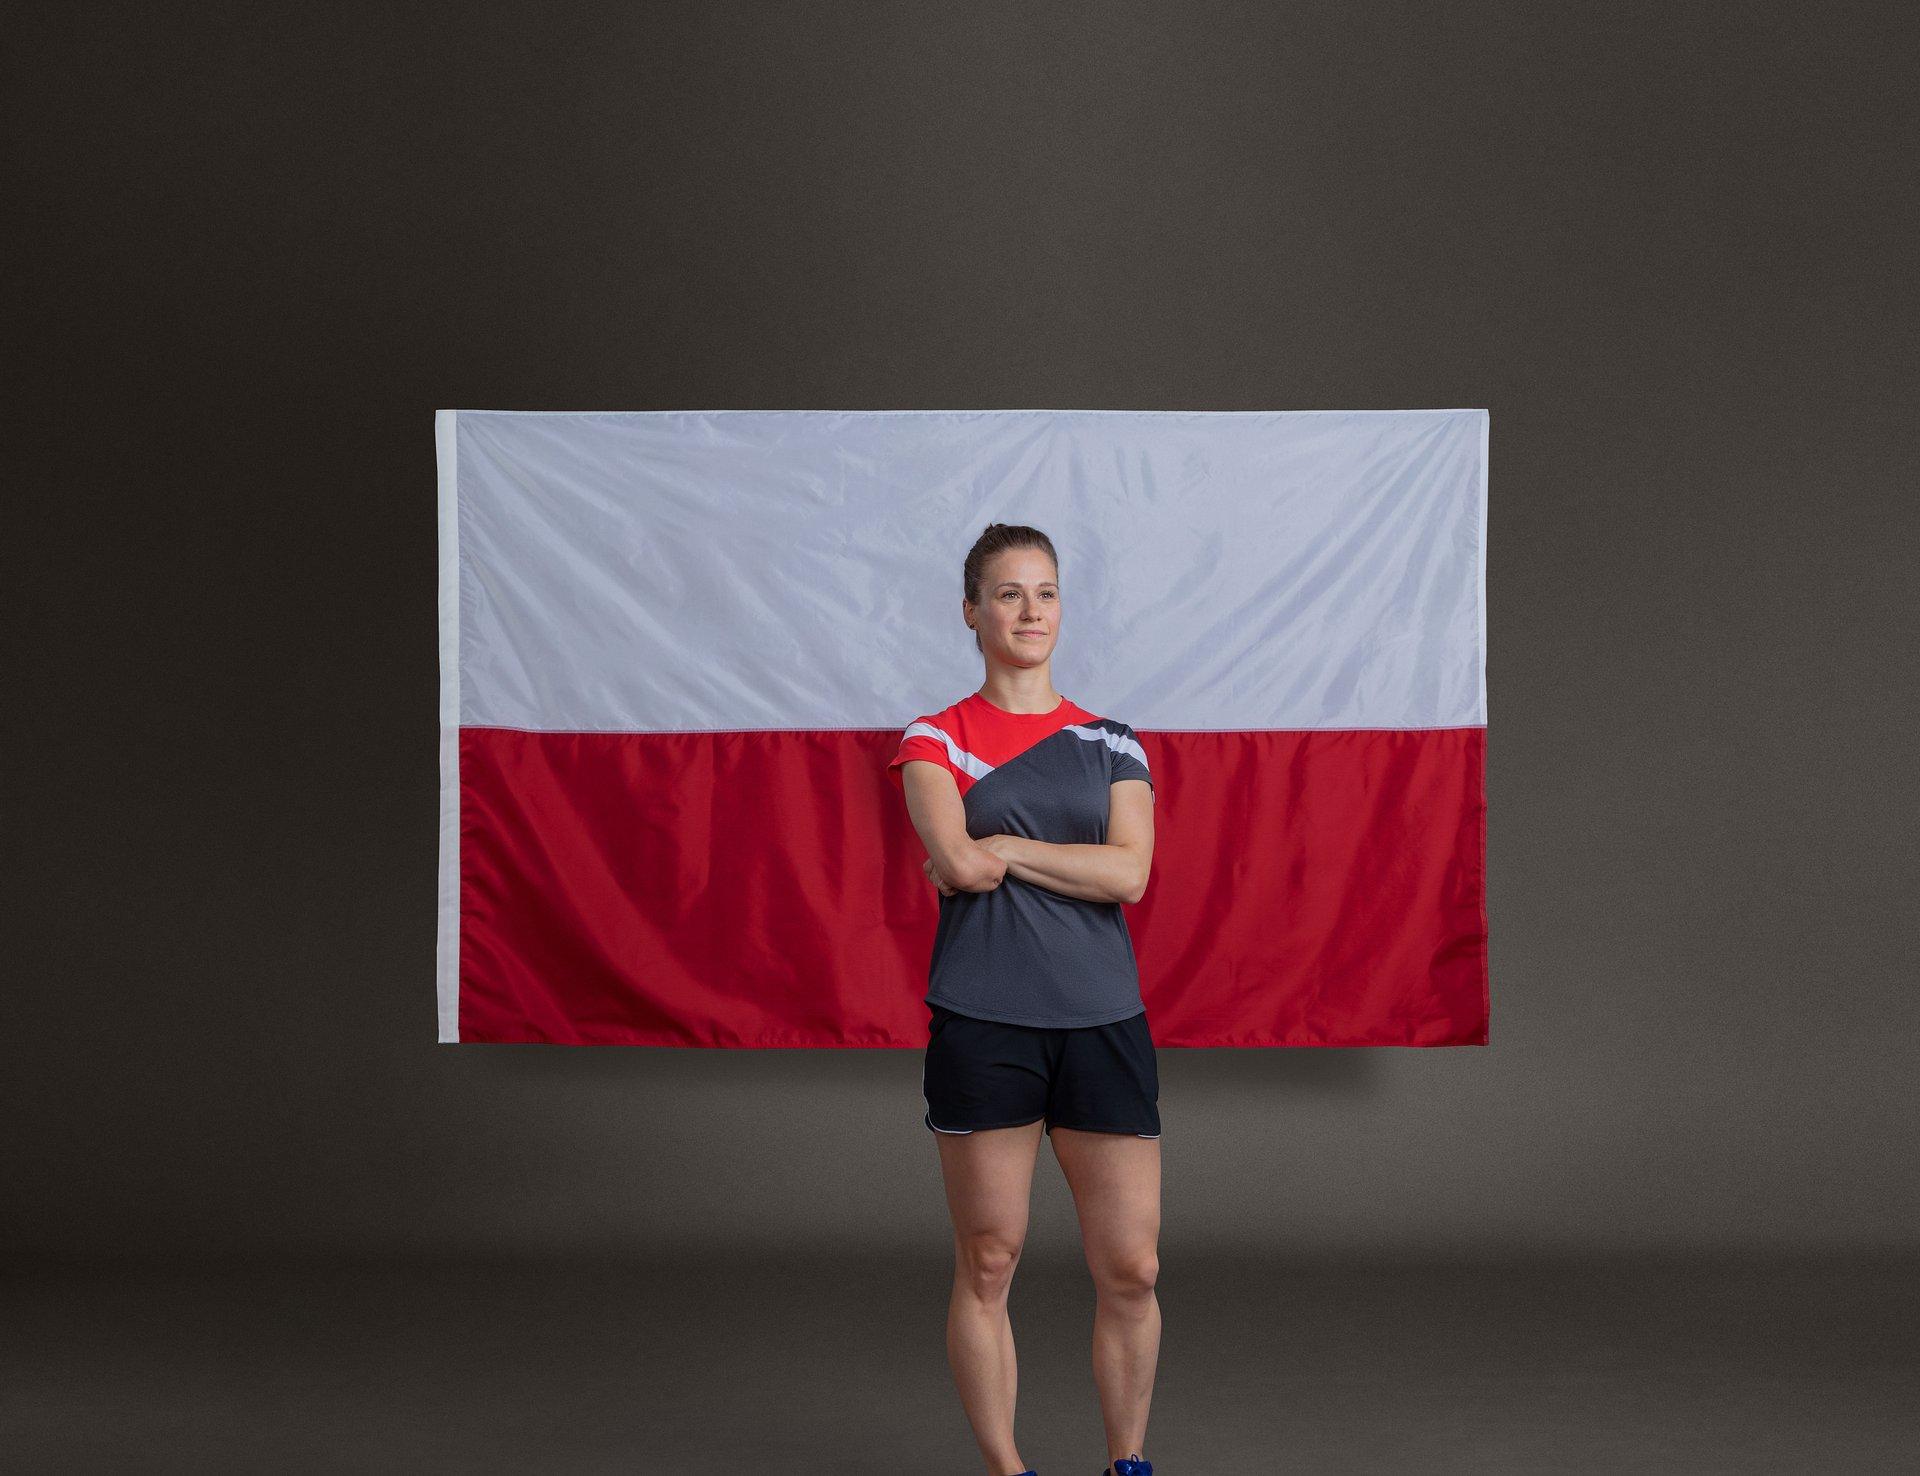 #TeamCiti: Natalia Partyka z z kwalifikacją na igrzyska paraolimpijskie w Tokio. Gratulujemy!